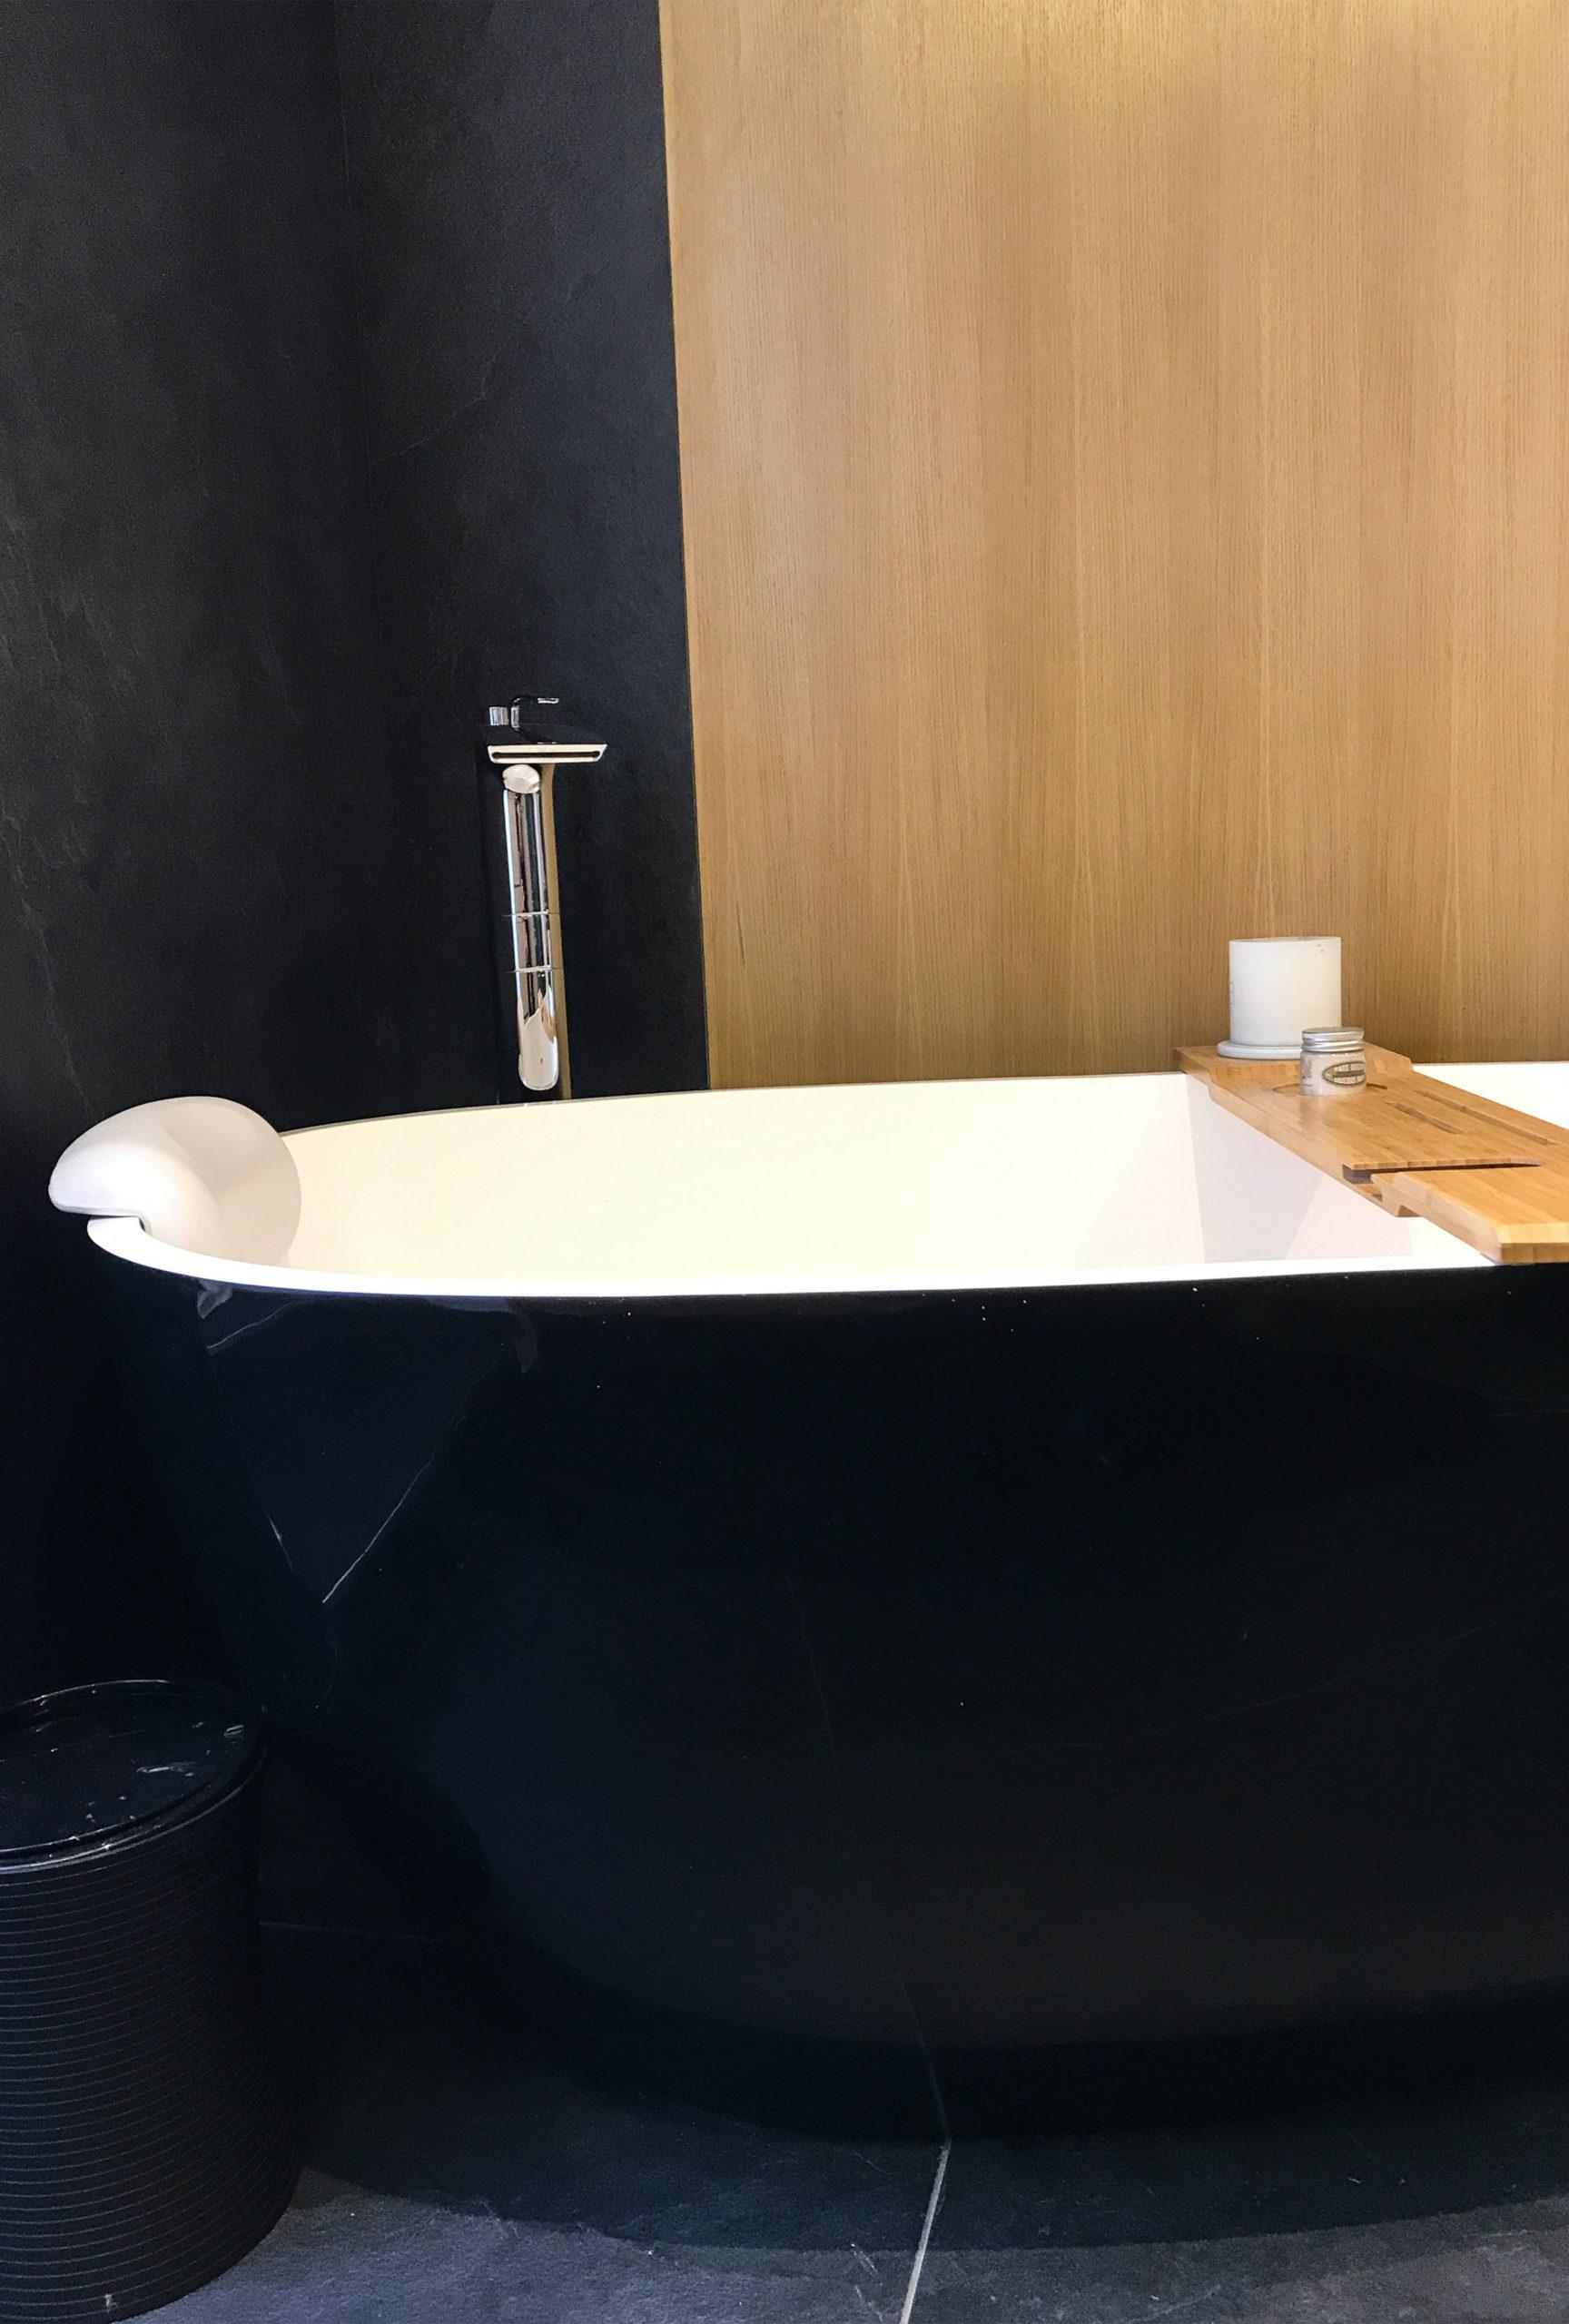 image salle de bain baignoire renovation de haut vol LR Architectes